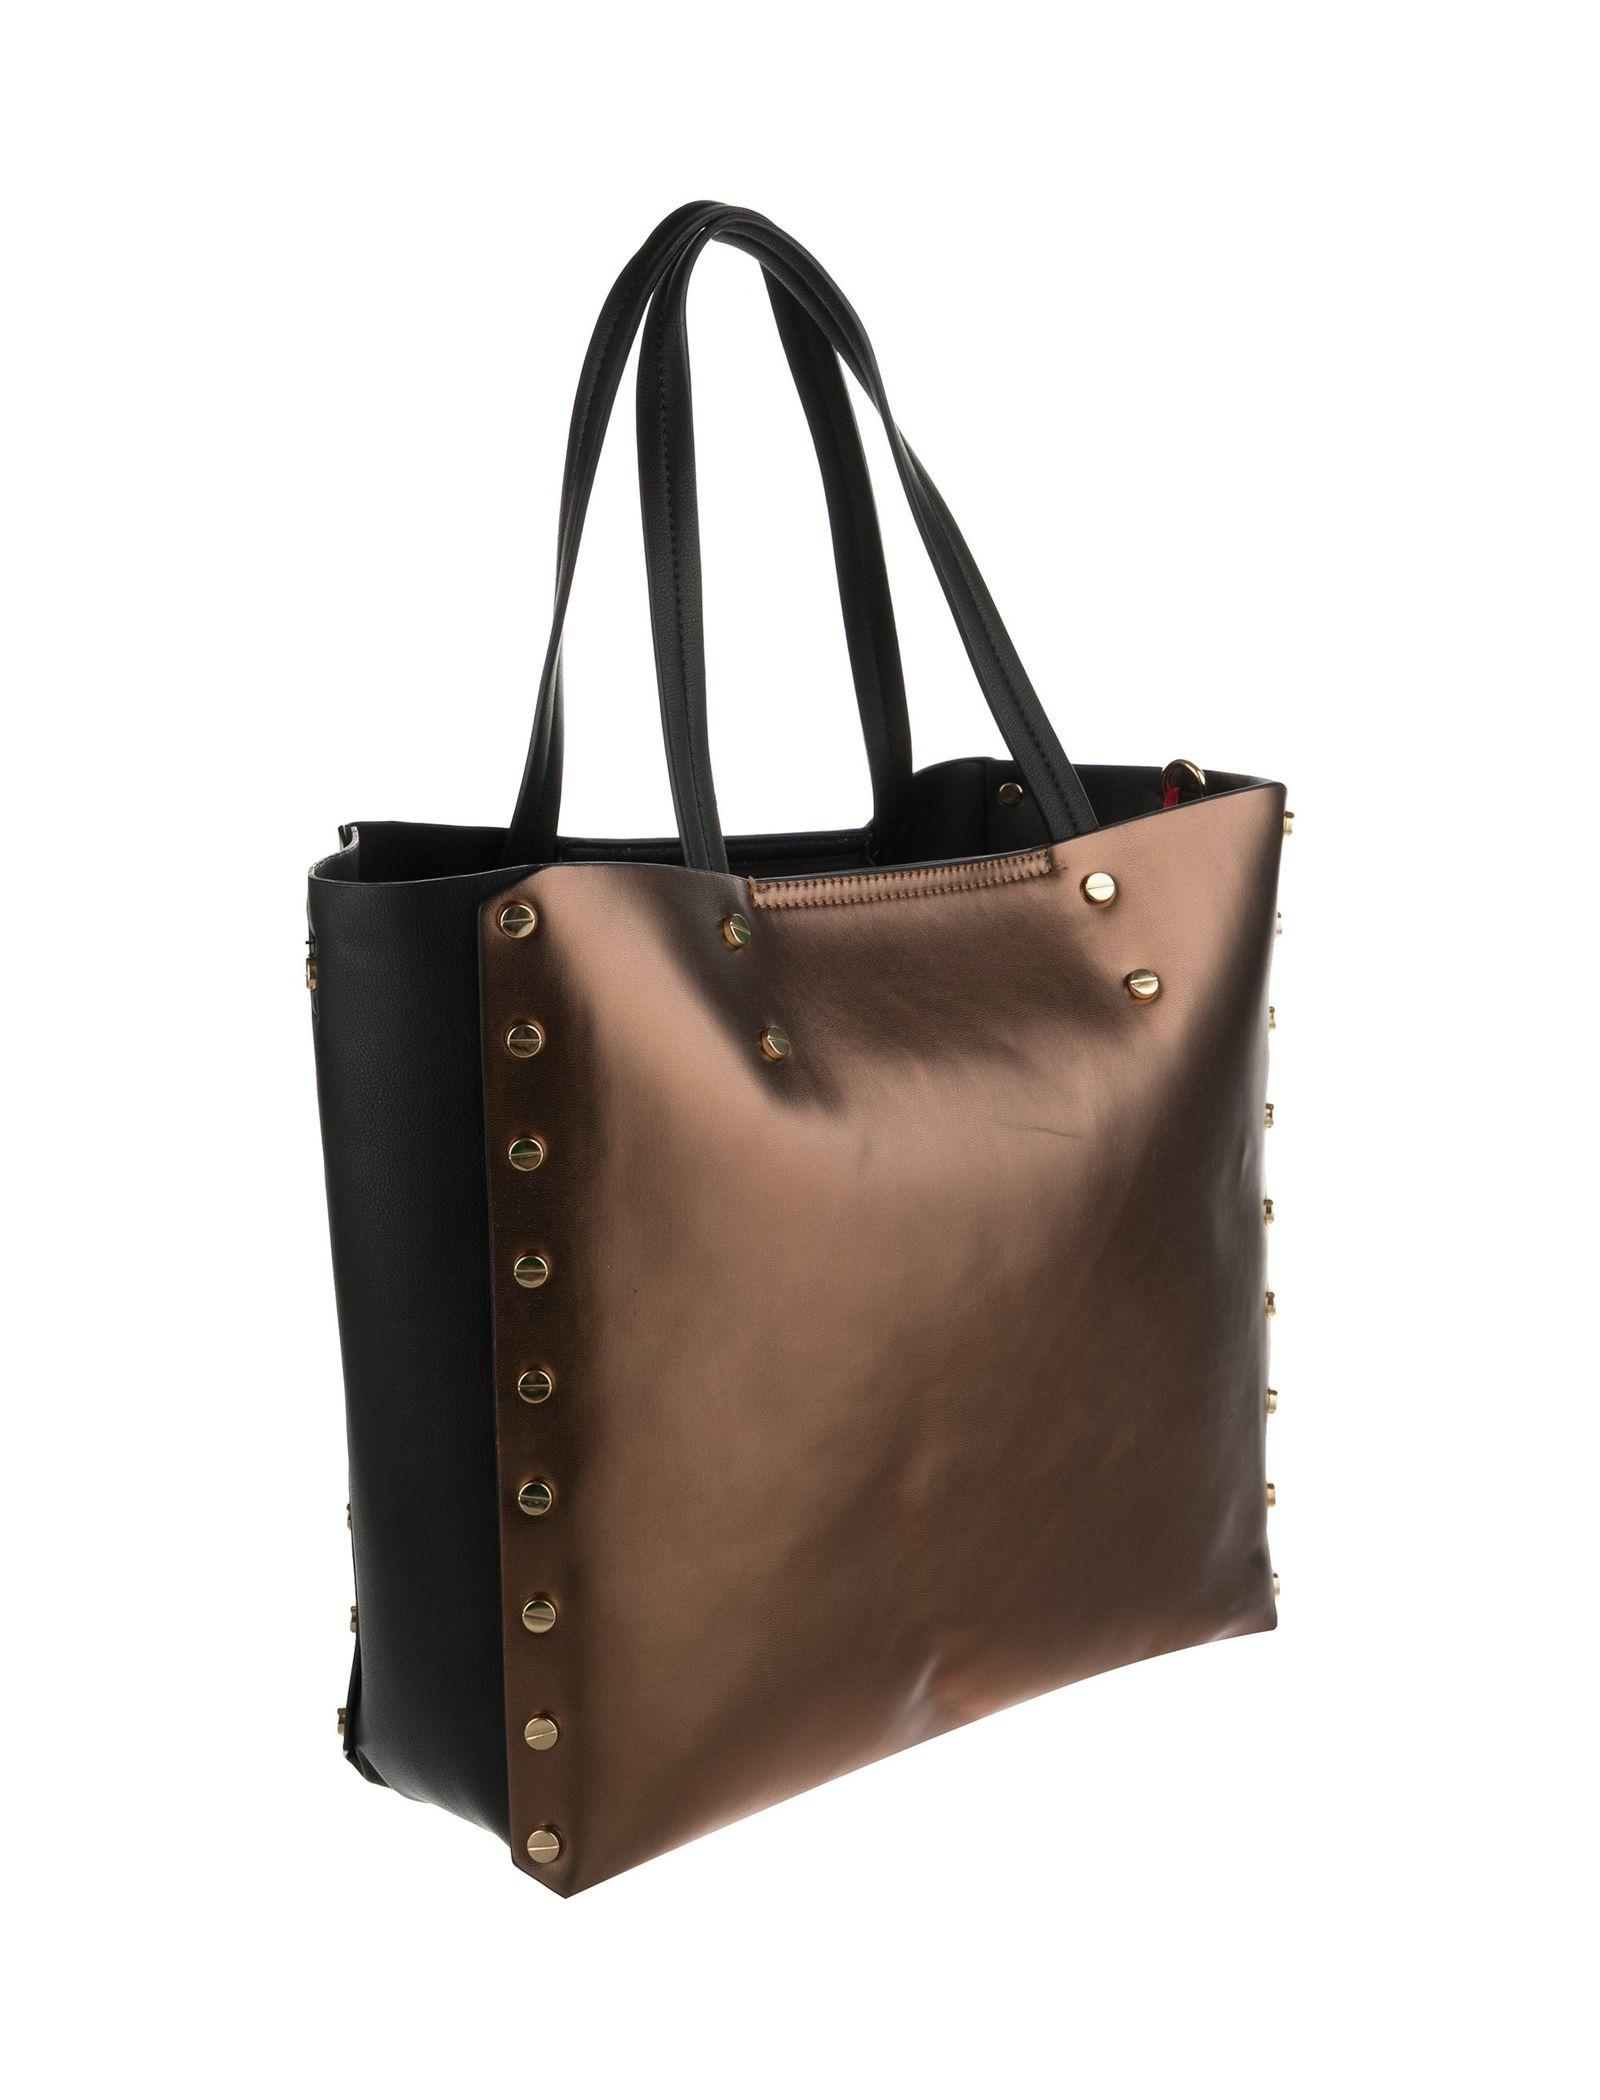 کیف دوشی روزمره زنانه - شانتال تک سایز - قهوه اي - 3